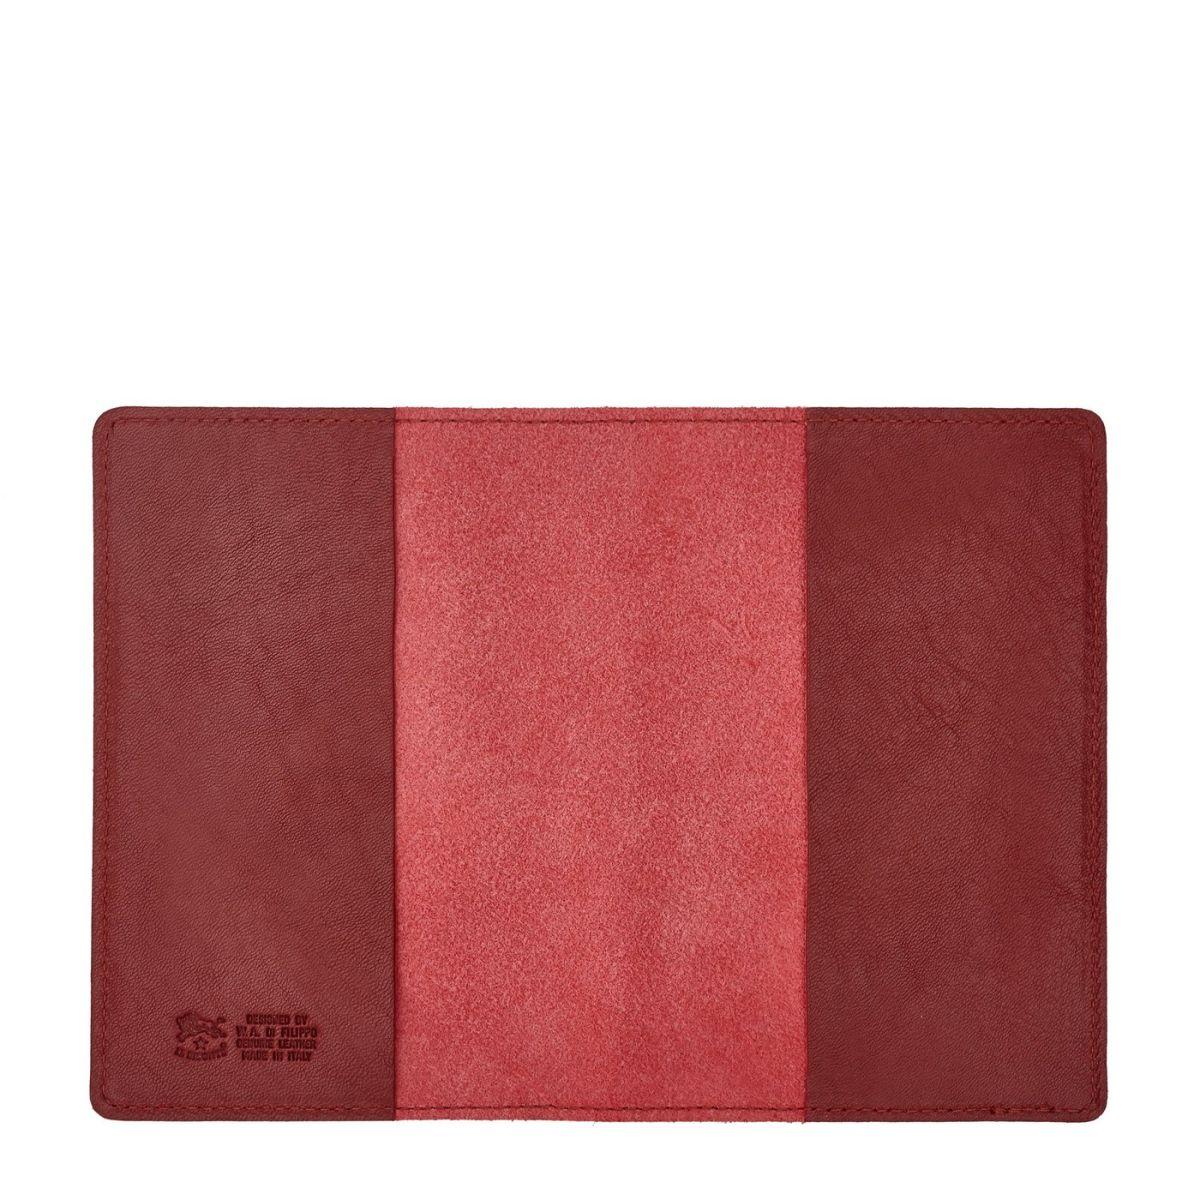 Étui  en Cuir De Vachette Doublé SCA005 couleur Rouge | Details